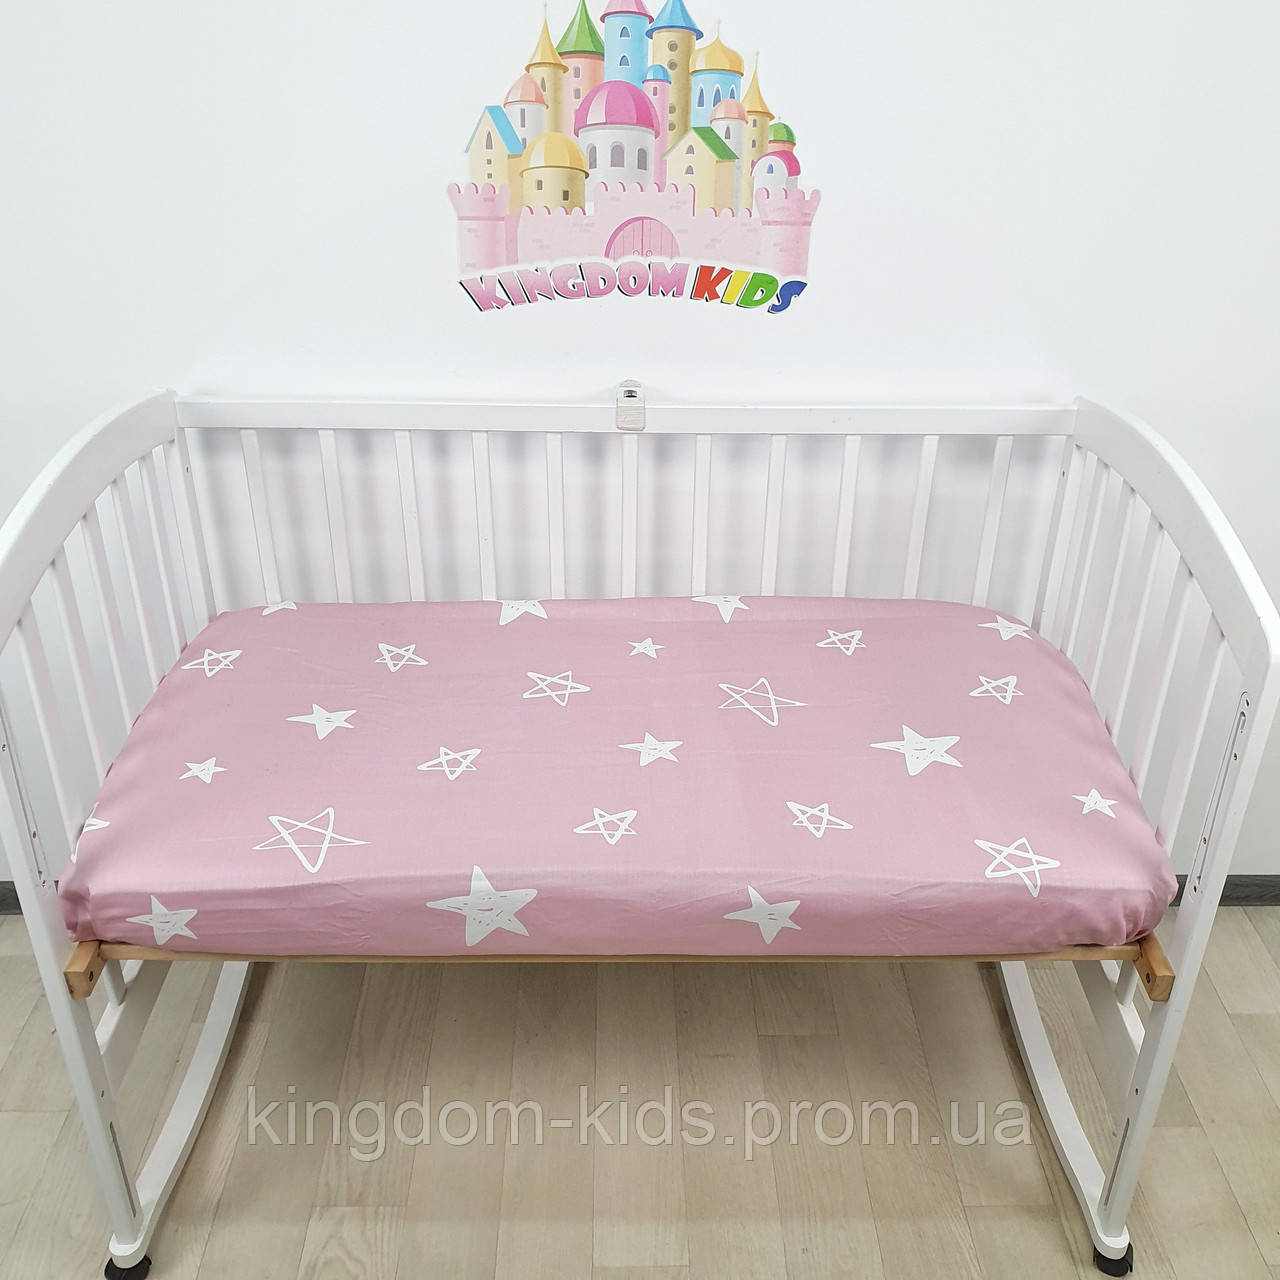 Простынка на резиночке универсальная на детскую кроватку из 100% хлопка- САТИН белые звезды на темно-розовом